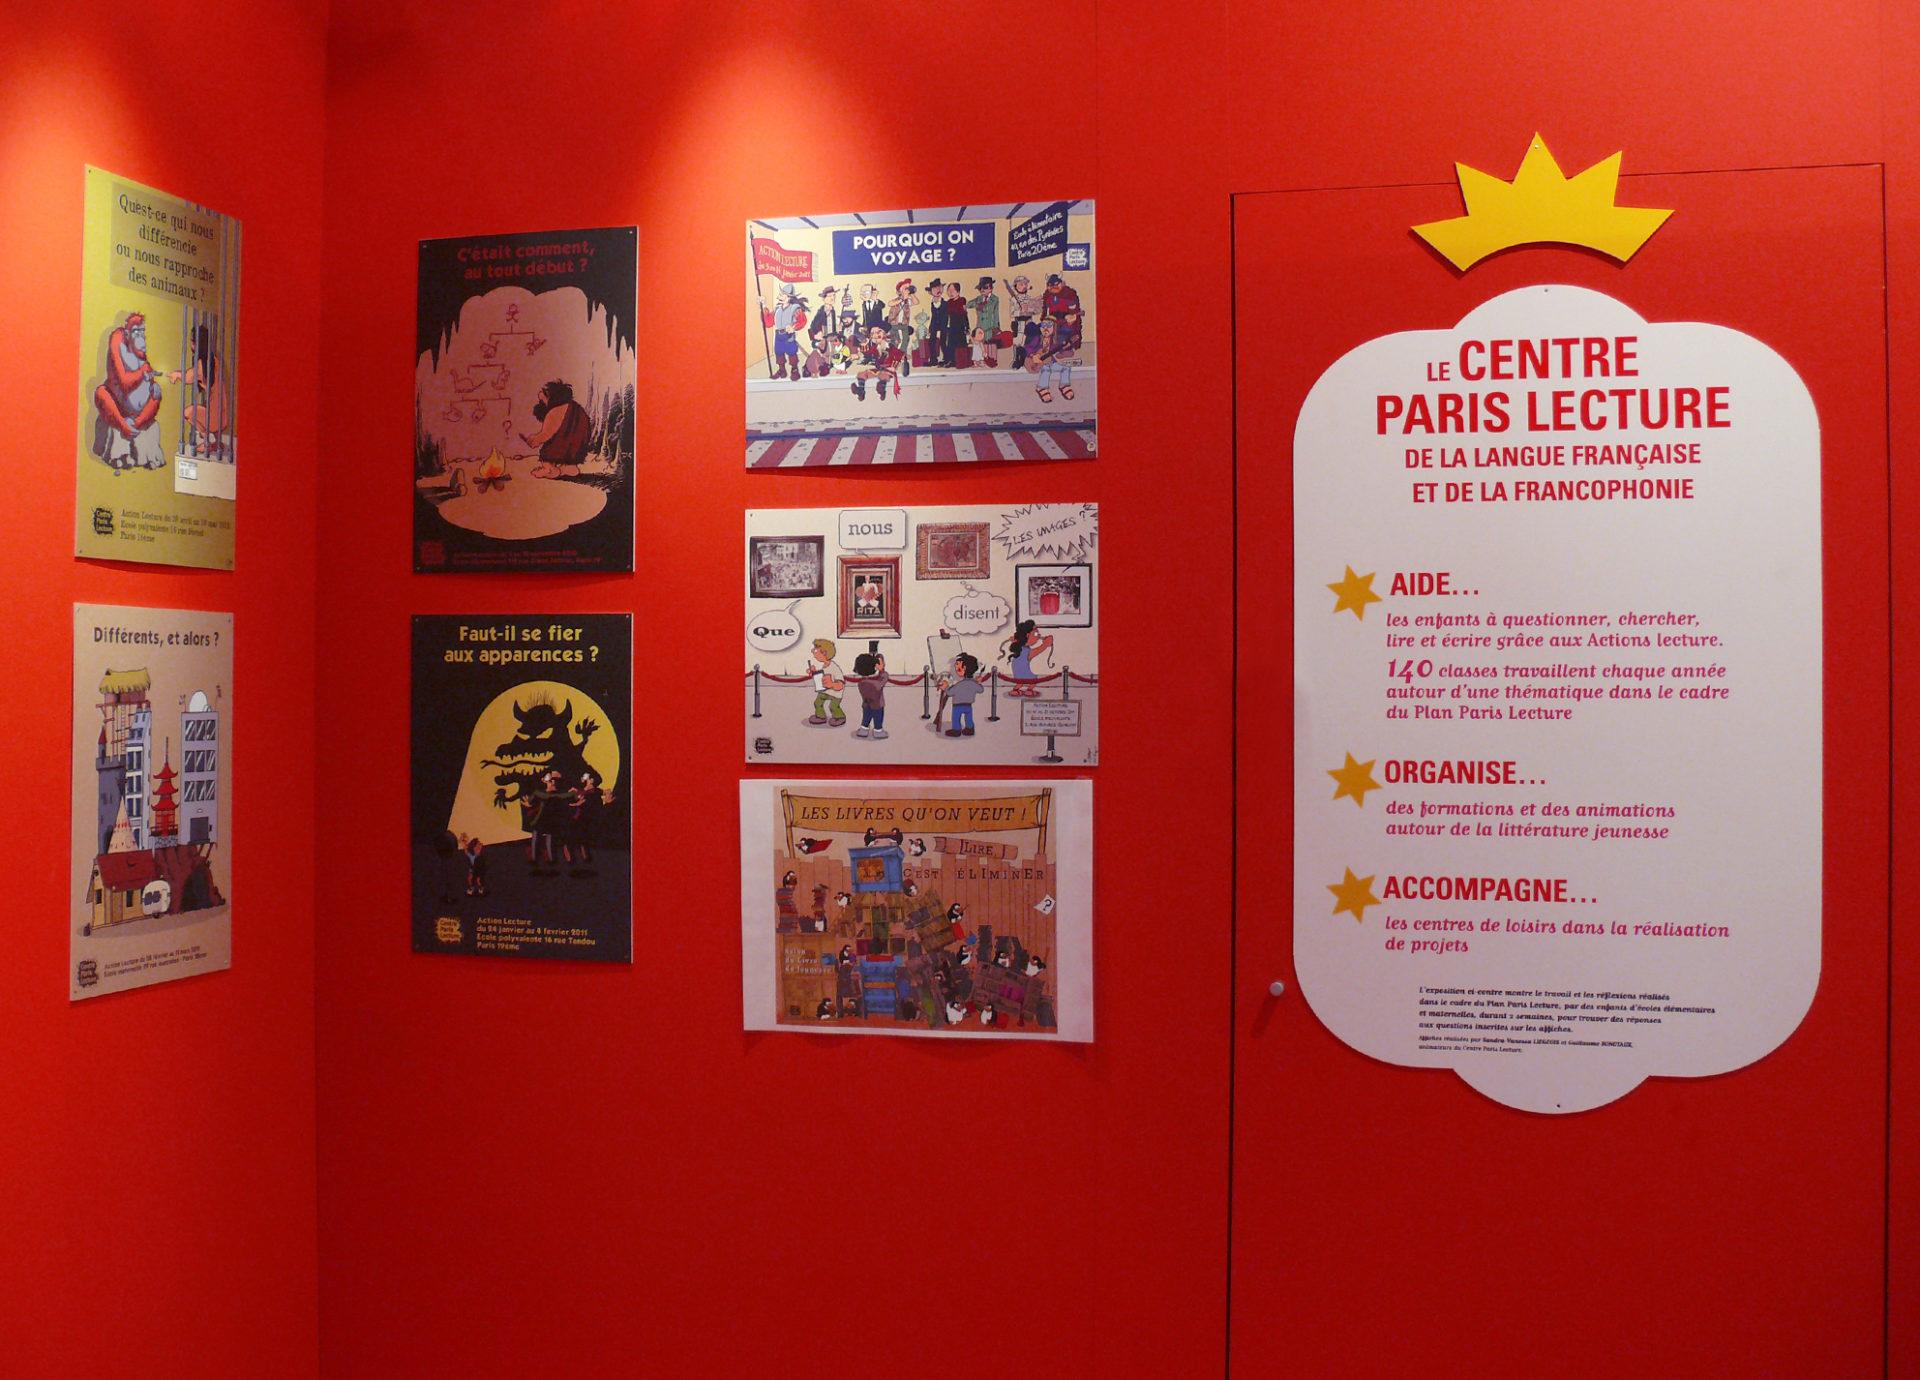 Mairie de paris salon du livre et de la presse jeunesse for Montreuil salon du livre